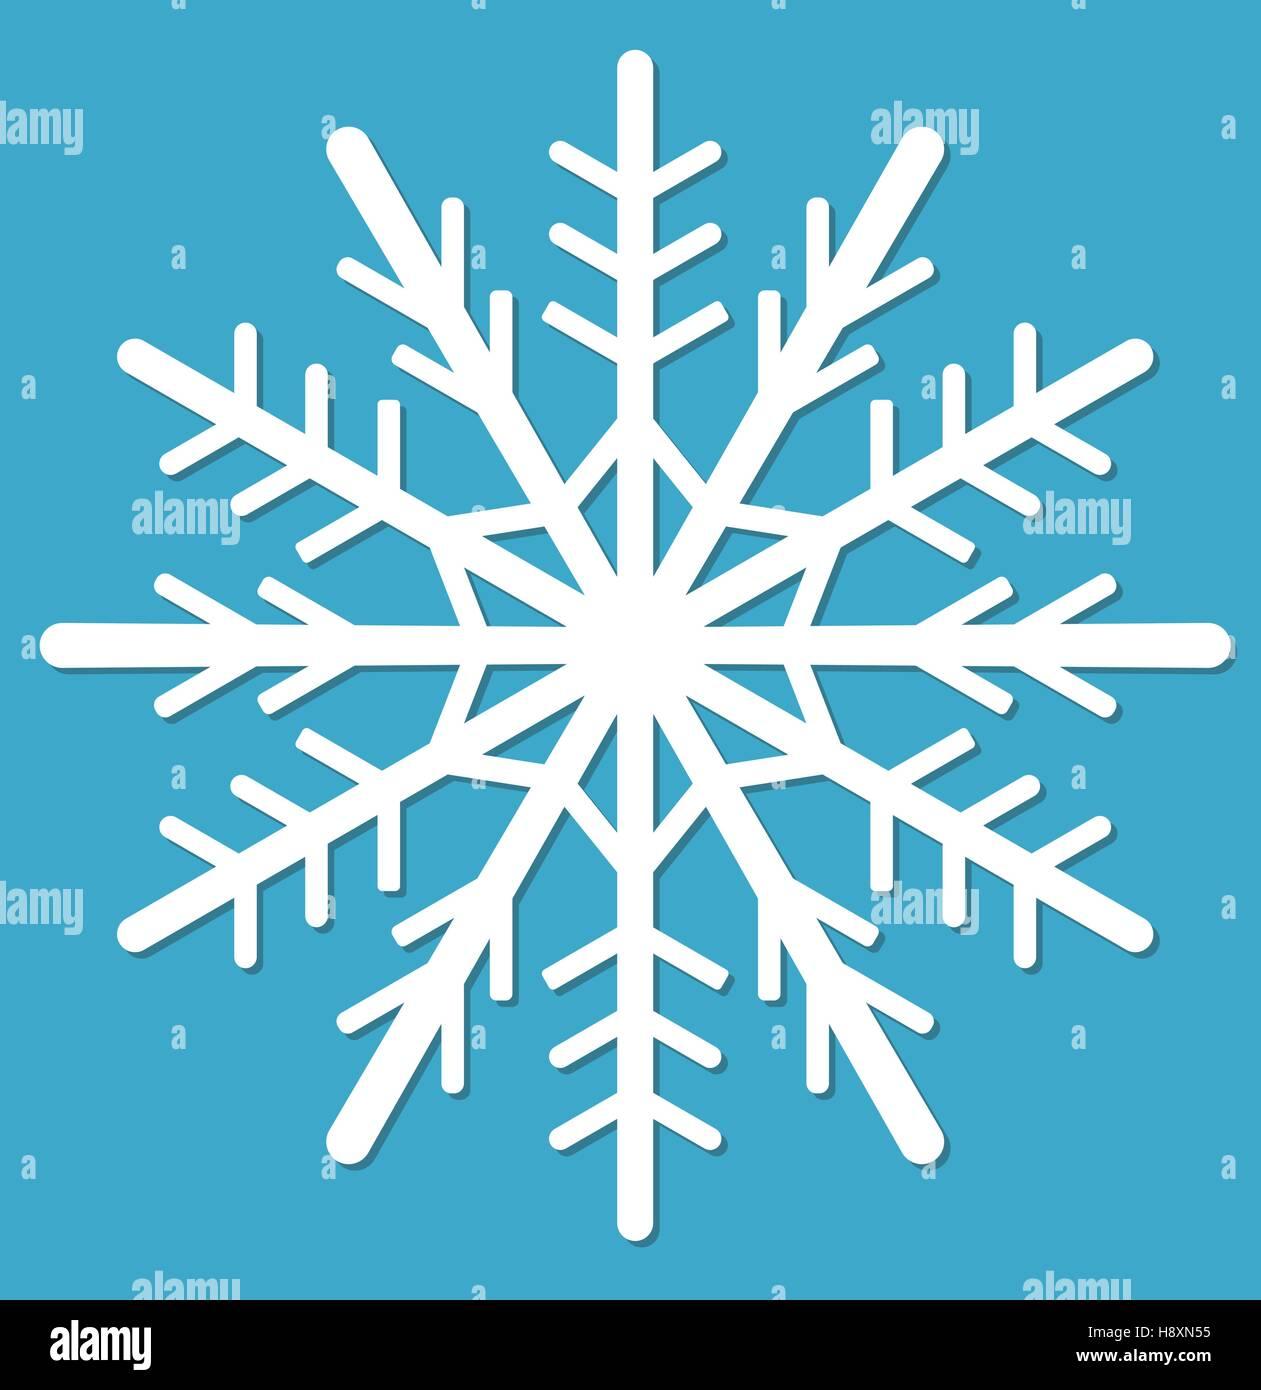 Il simbolo del fiocco di neve. icona stile piatto. Gli elementi di design. Illustrazione Vettoriale Immagini Stock